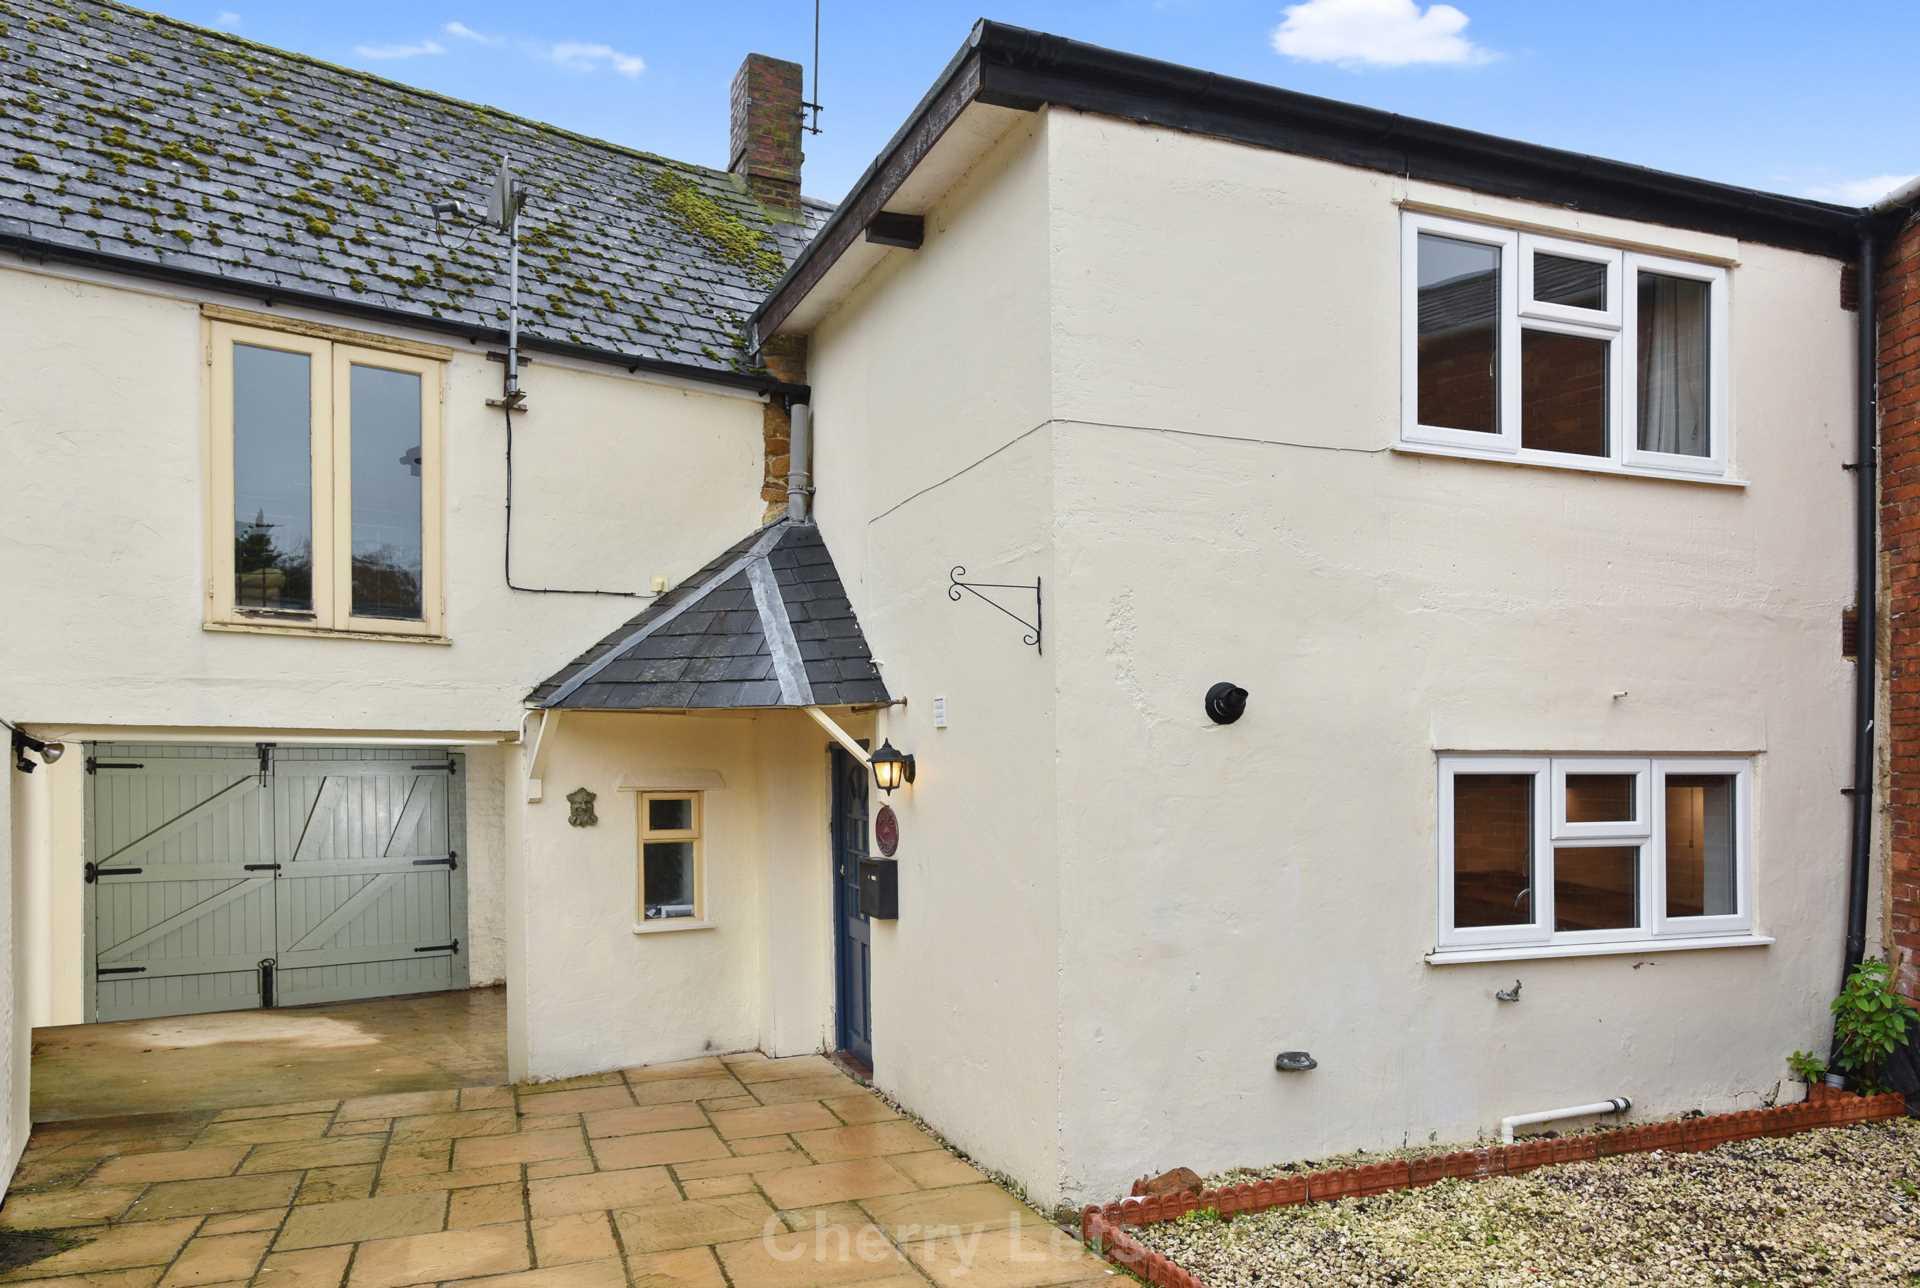 2 bed cottage to rent in Thimble Cottage, Market Place, Deddington, Banbury 9